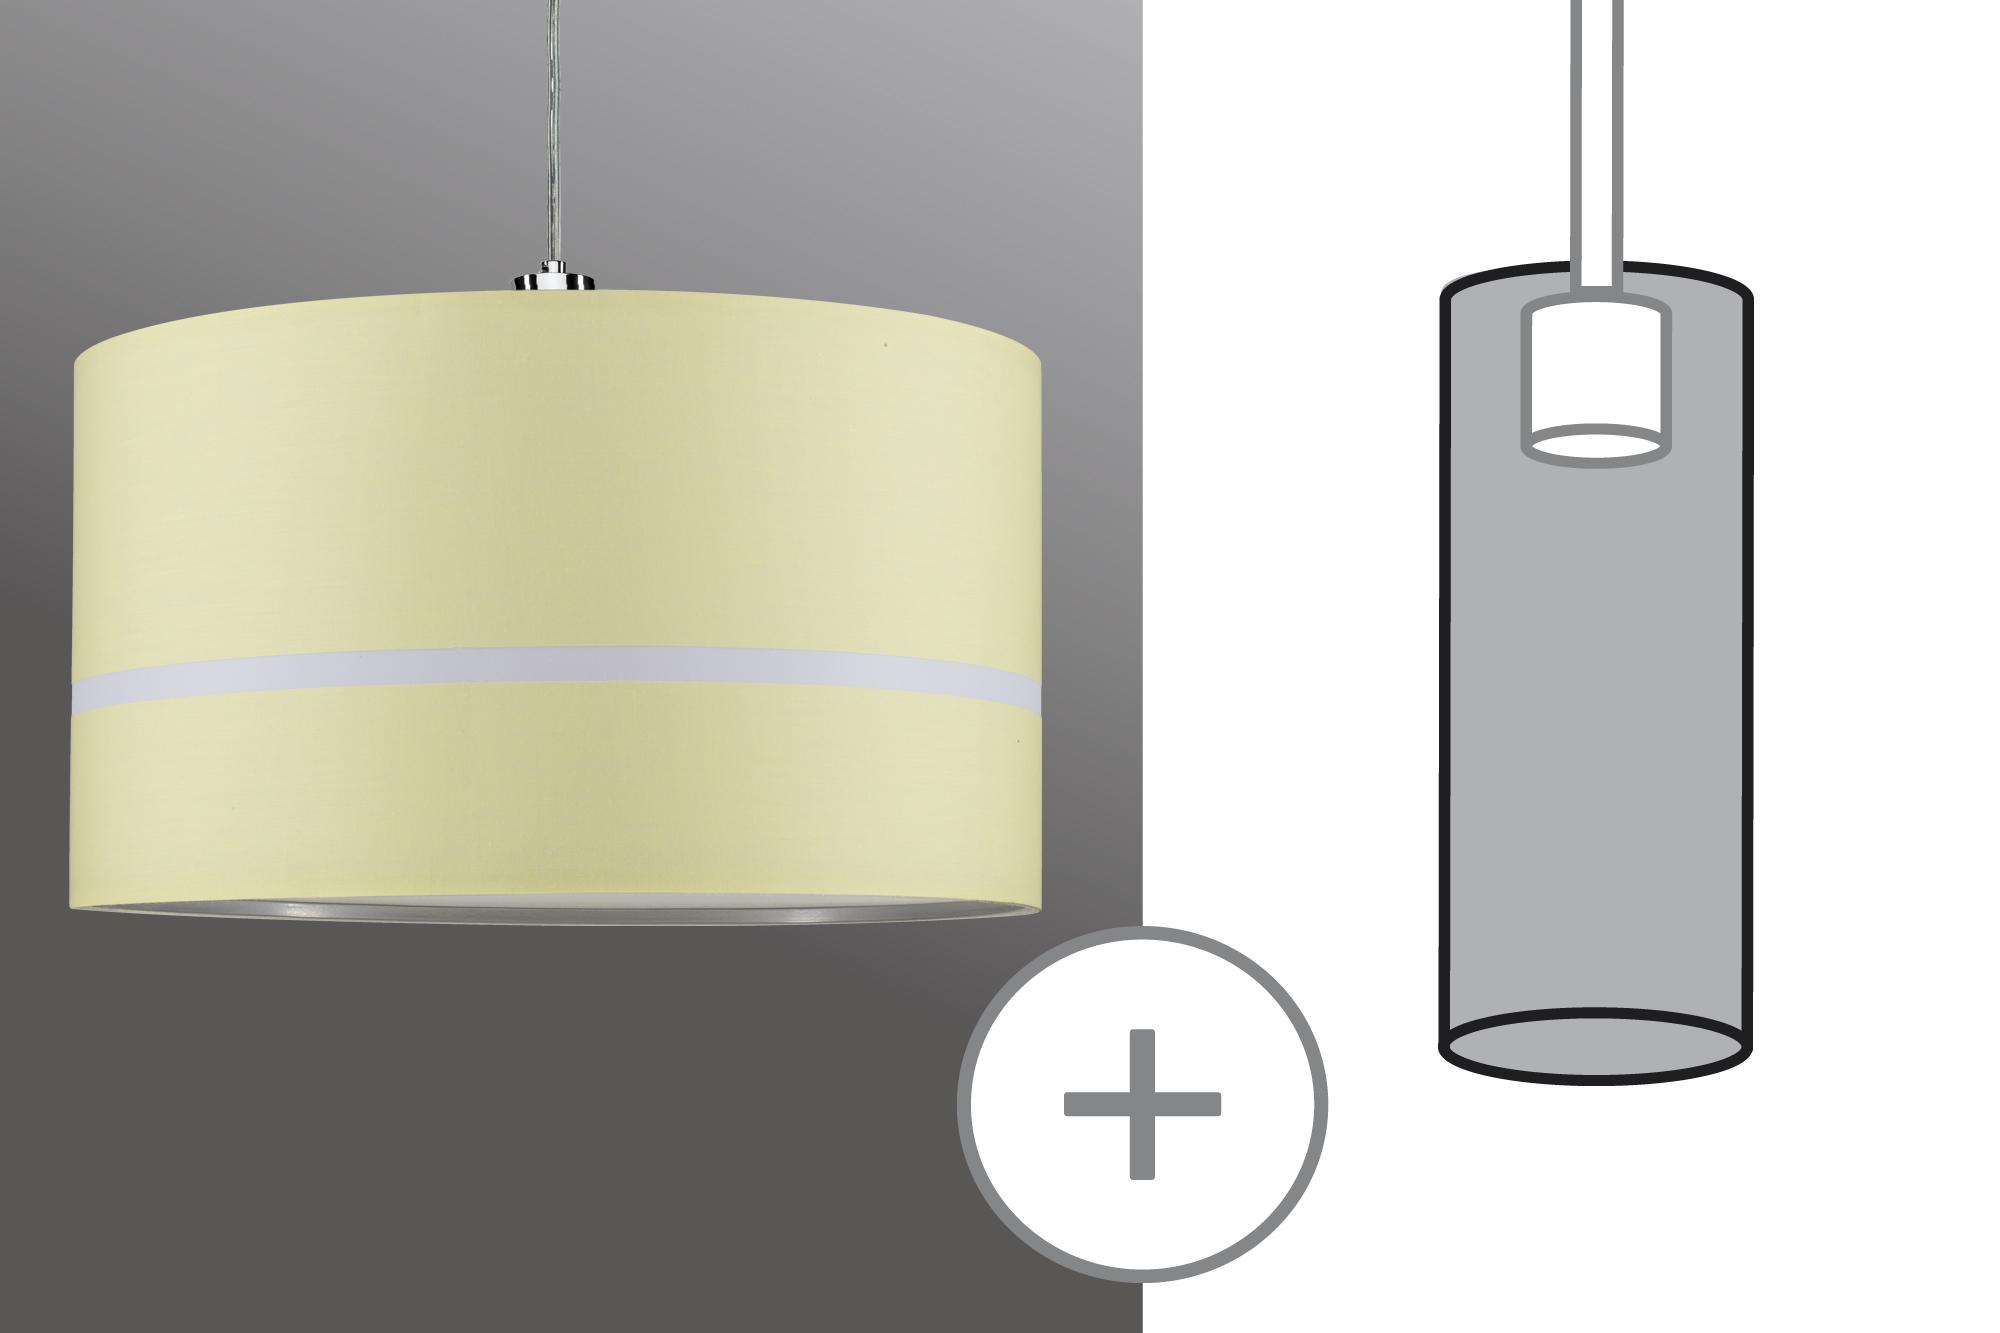 PAULMANN P 95365 díly pro závěsná svítidla + 5 let záruka ZDARMA!